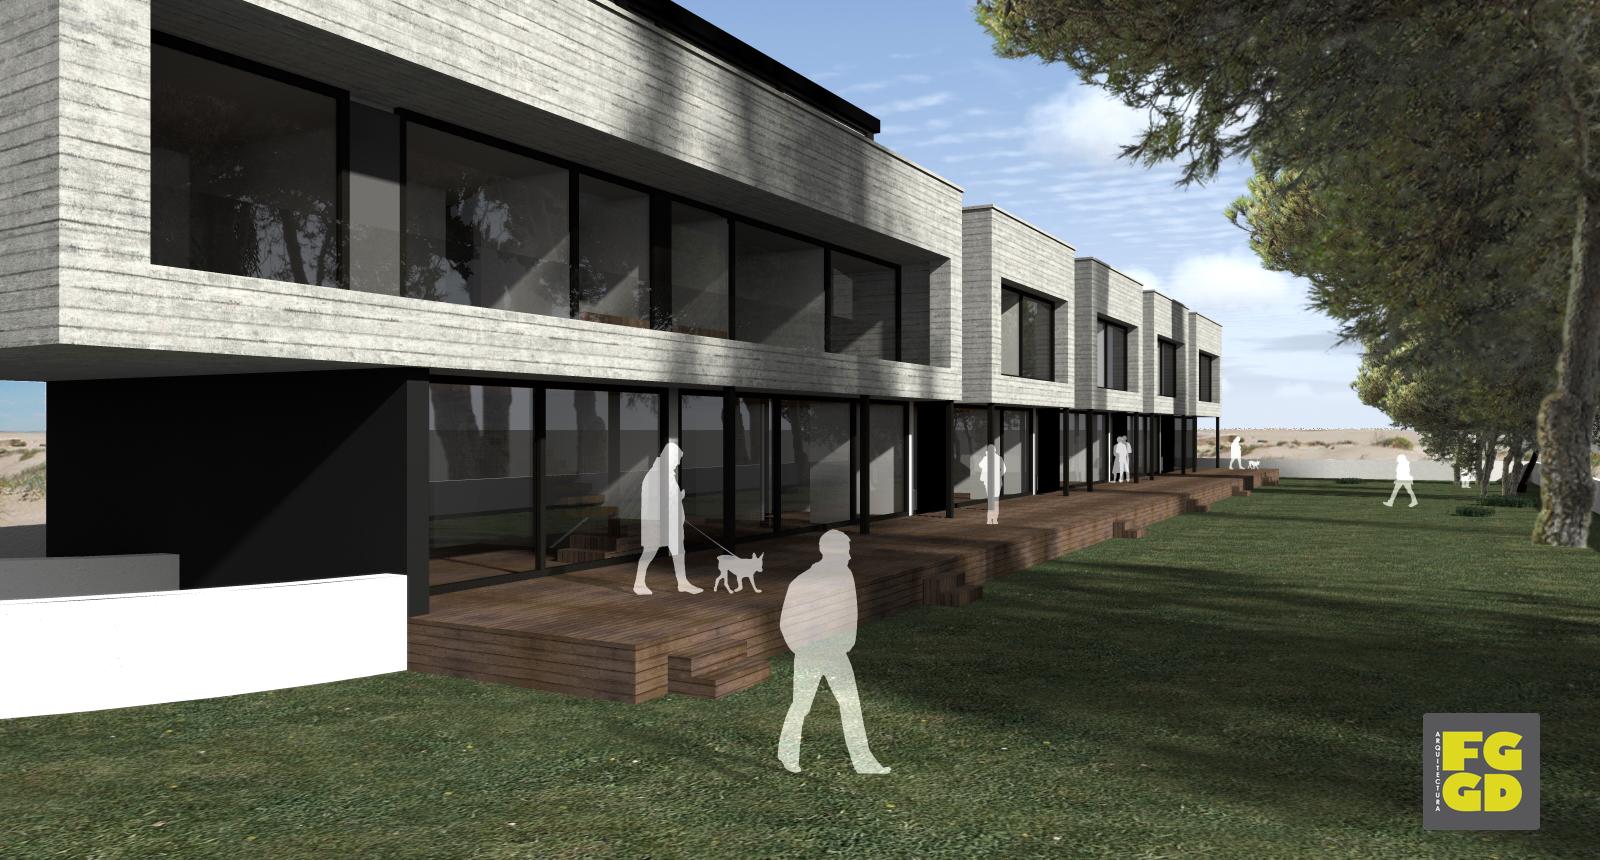 Fggd arquitectura septiembre 2015 - Estudios arquitectura murcia ...